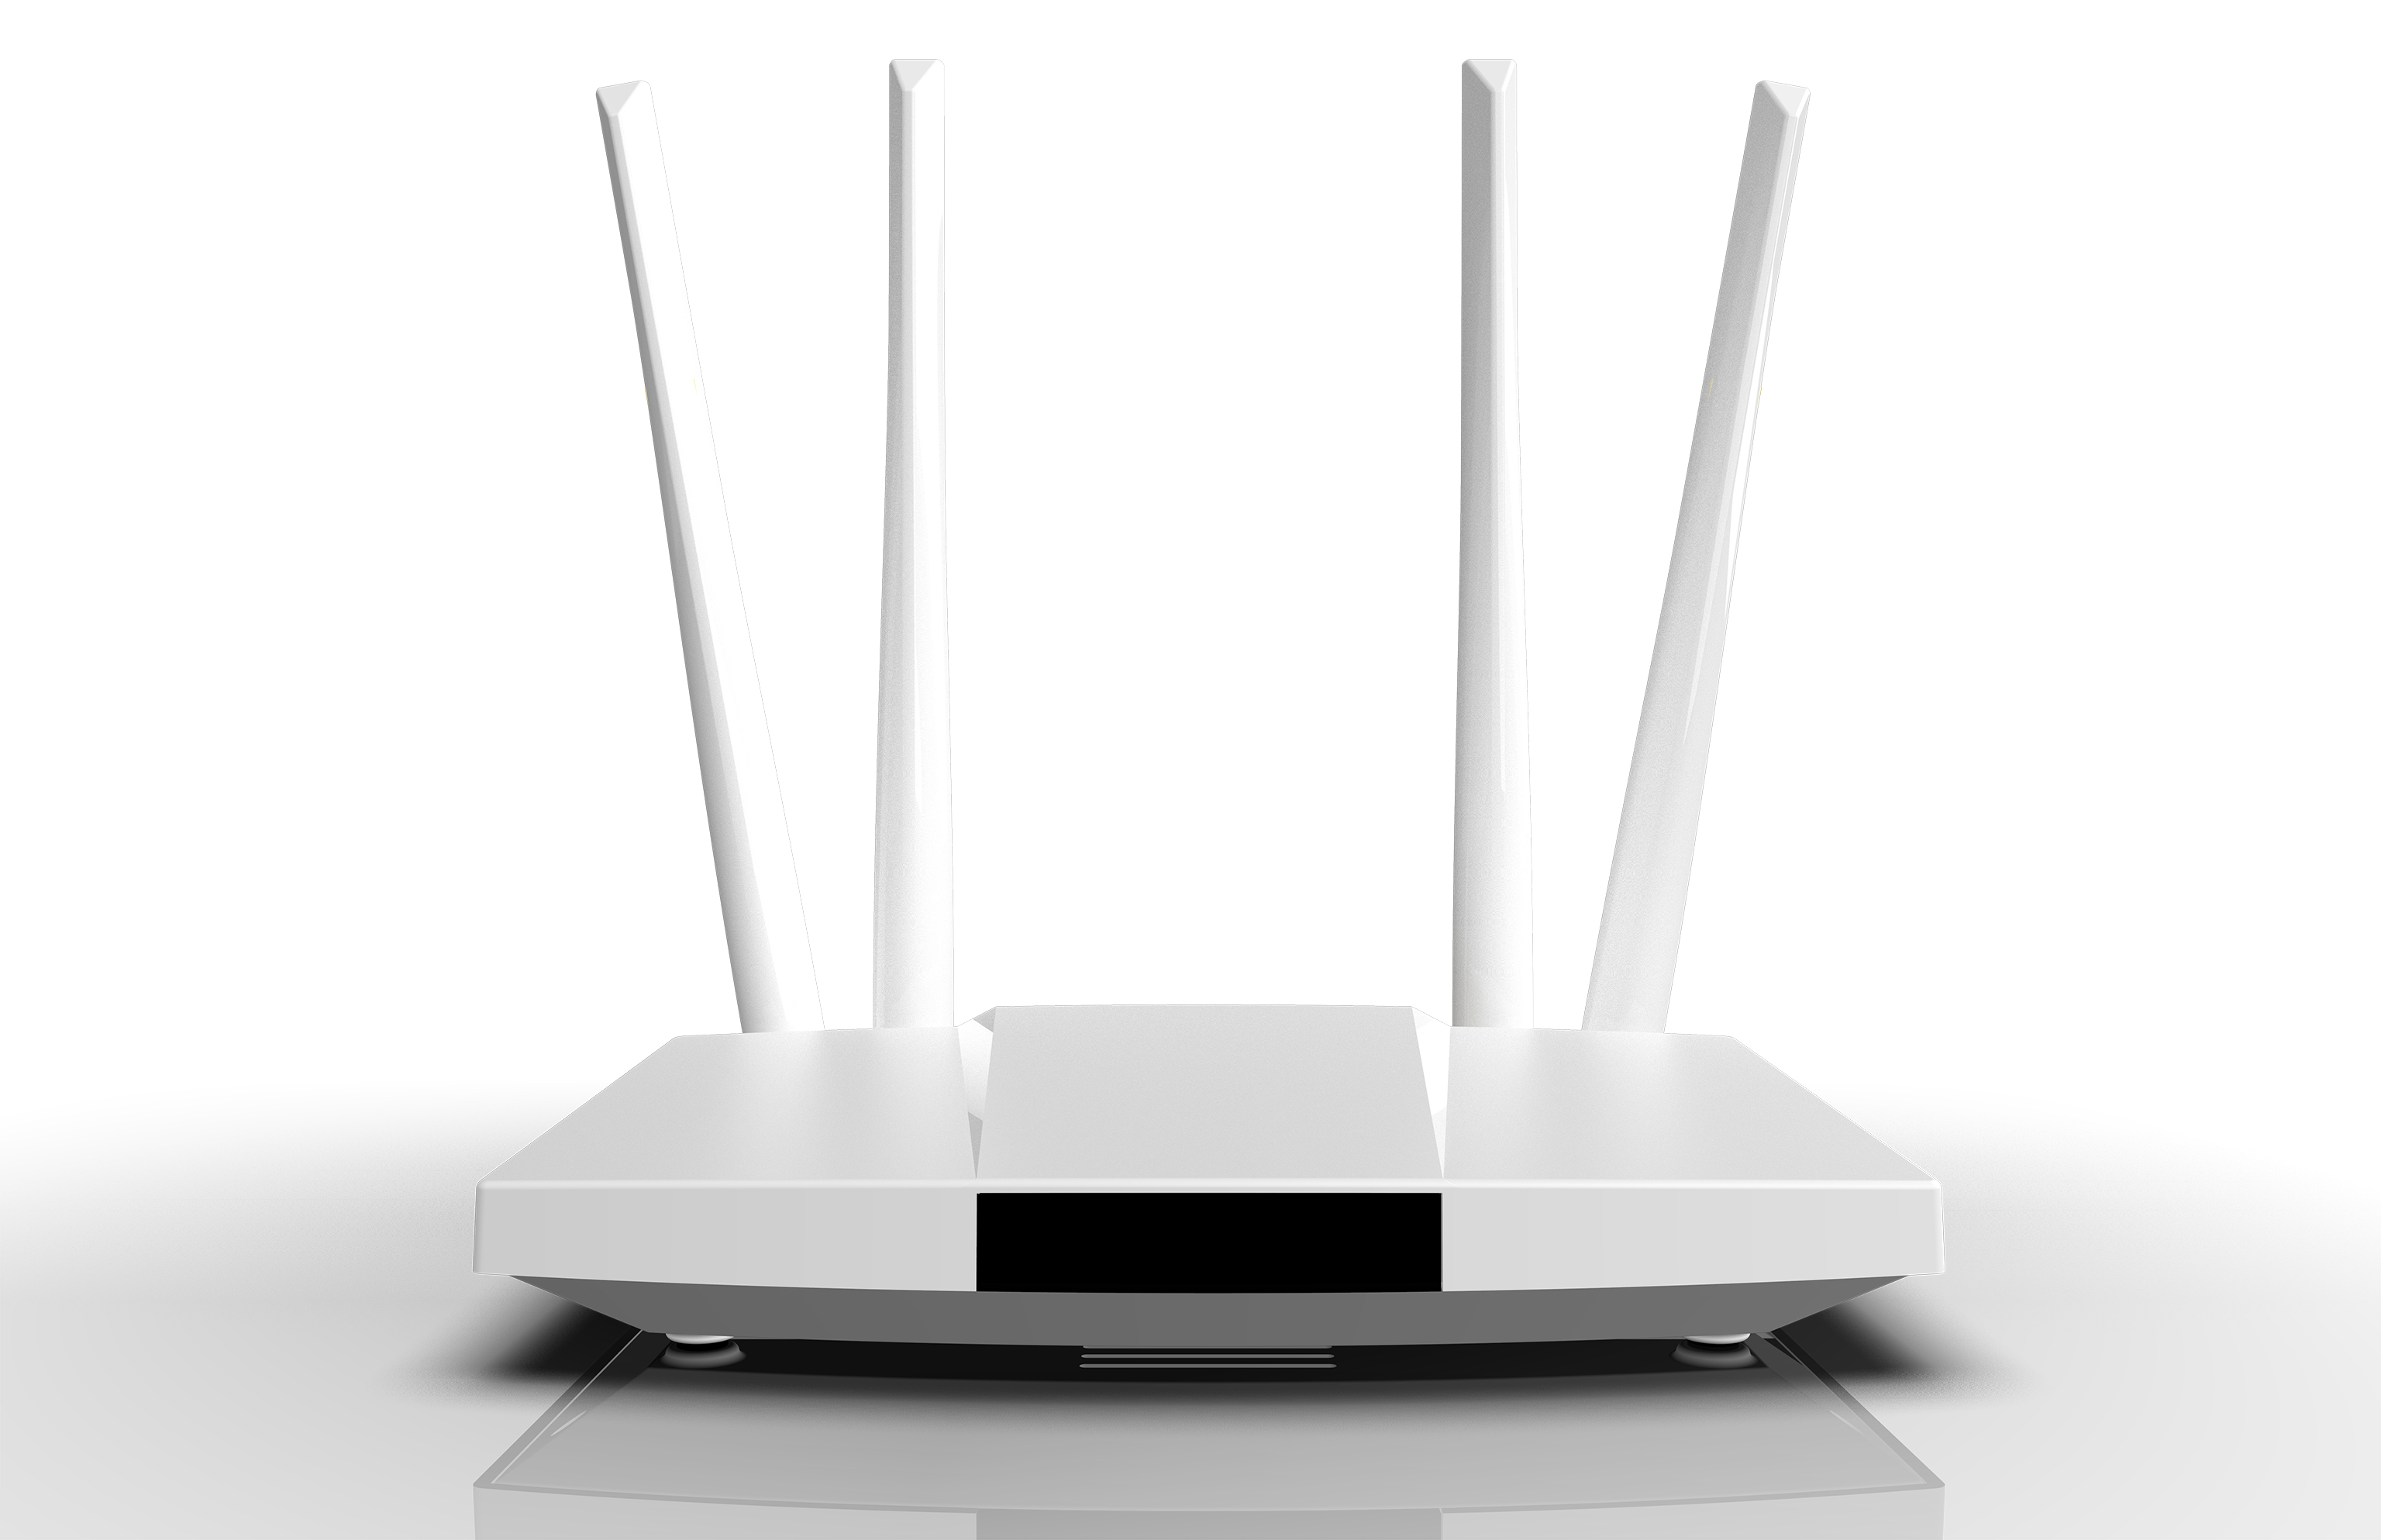 Lc112 4g lte cpe cartão sim roteador wi-fi 300m cat4 32 usuários wifi roteador rj45 wan lan interno 4g wifi roteador